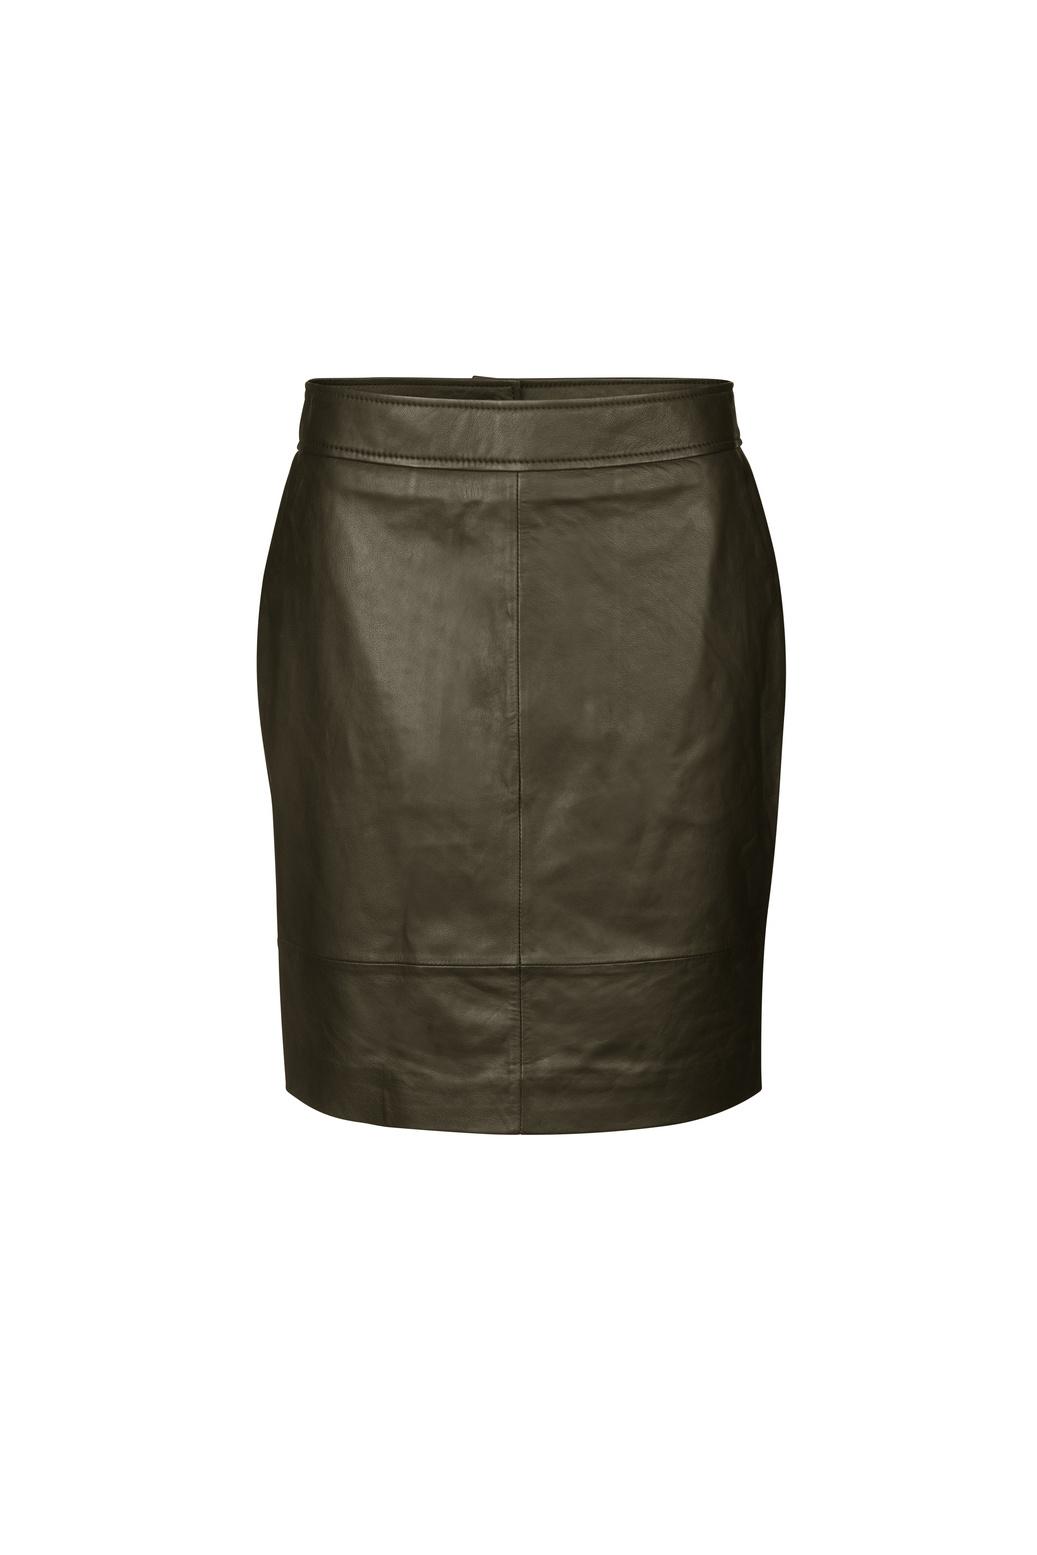 Francie Mini Leather Skirt - Wren-1